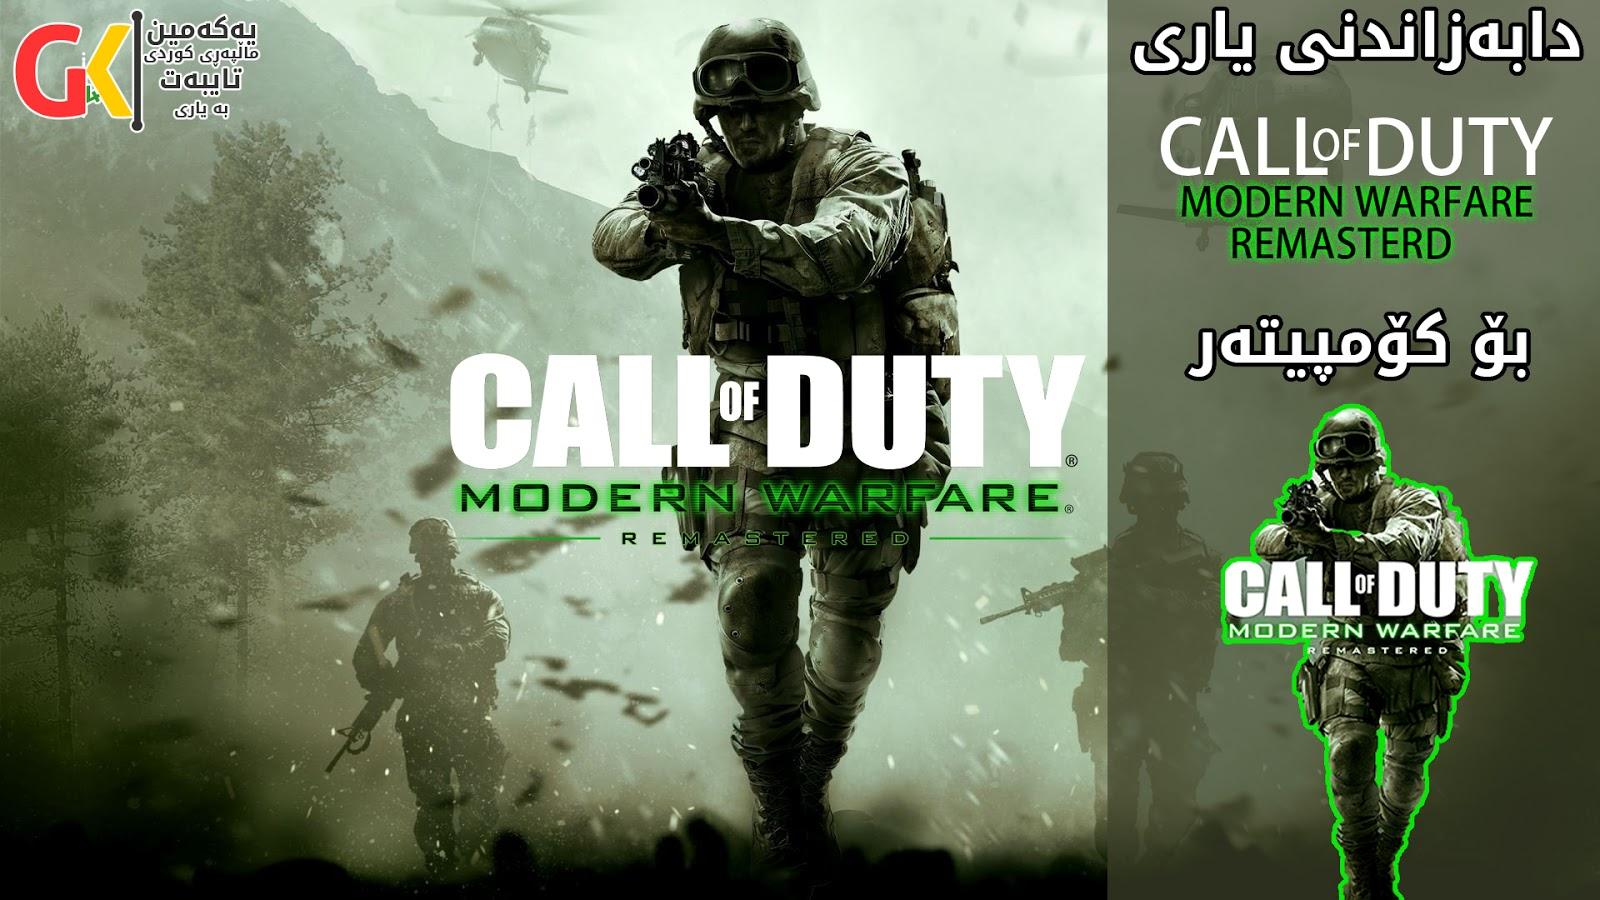 دابهزاندنی یاری Call of Duty 4: Modern Warfare REMASTERED بۆ كۆمپیتهر